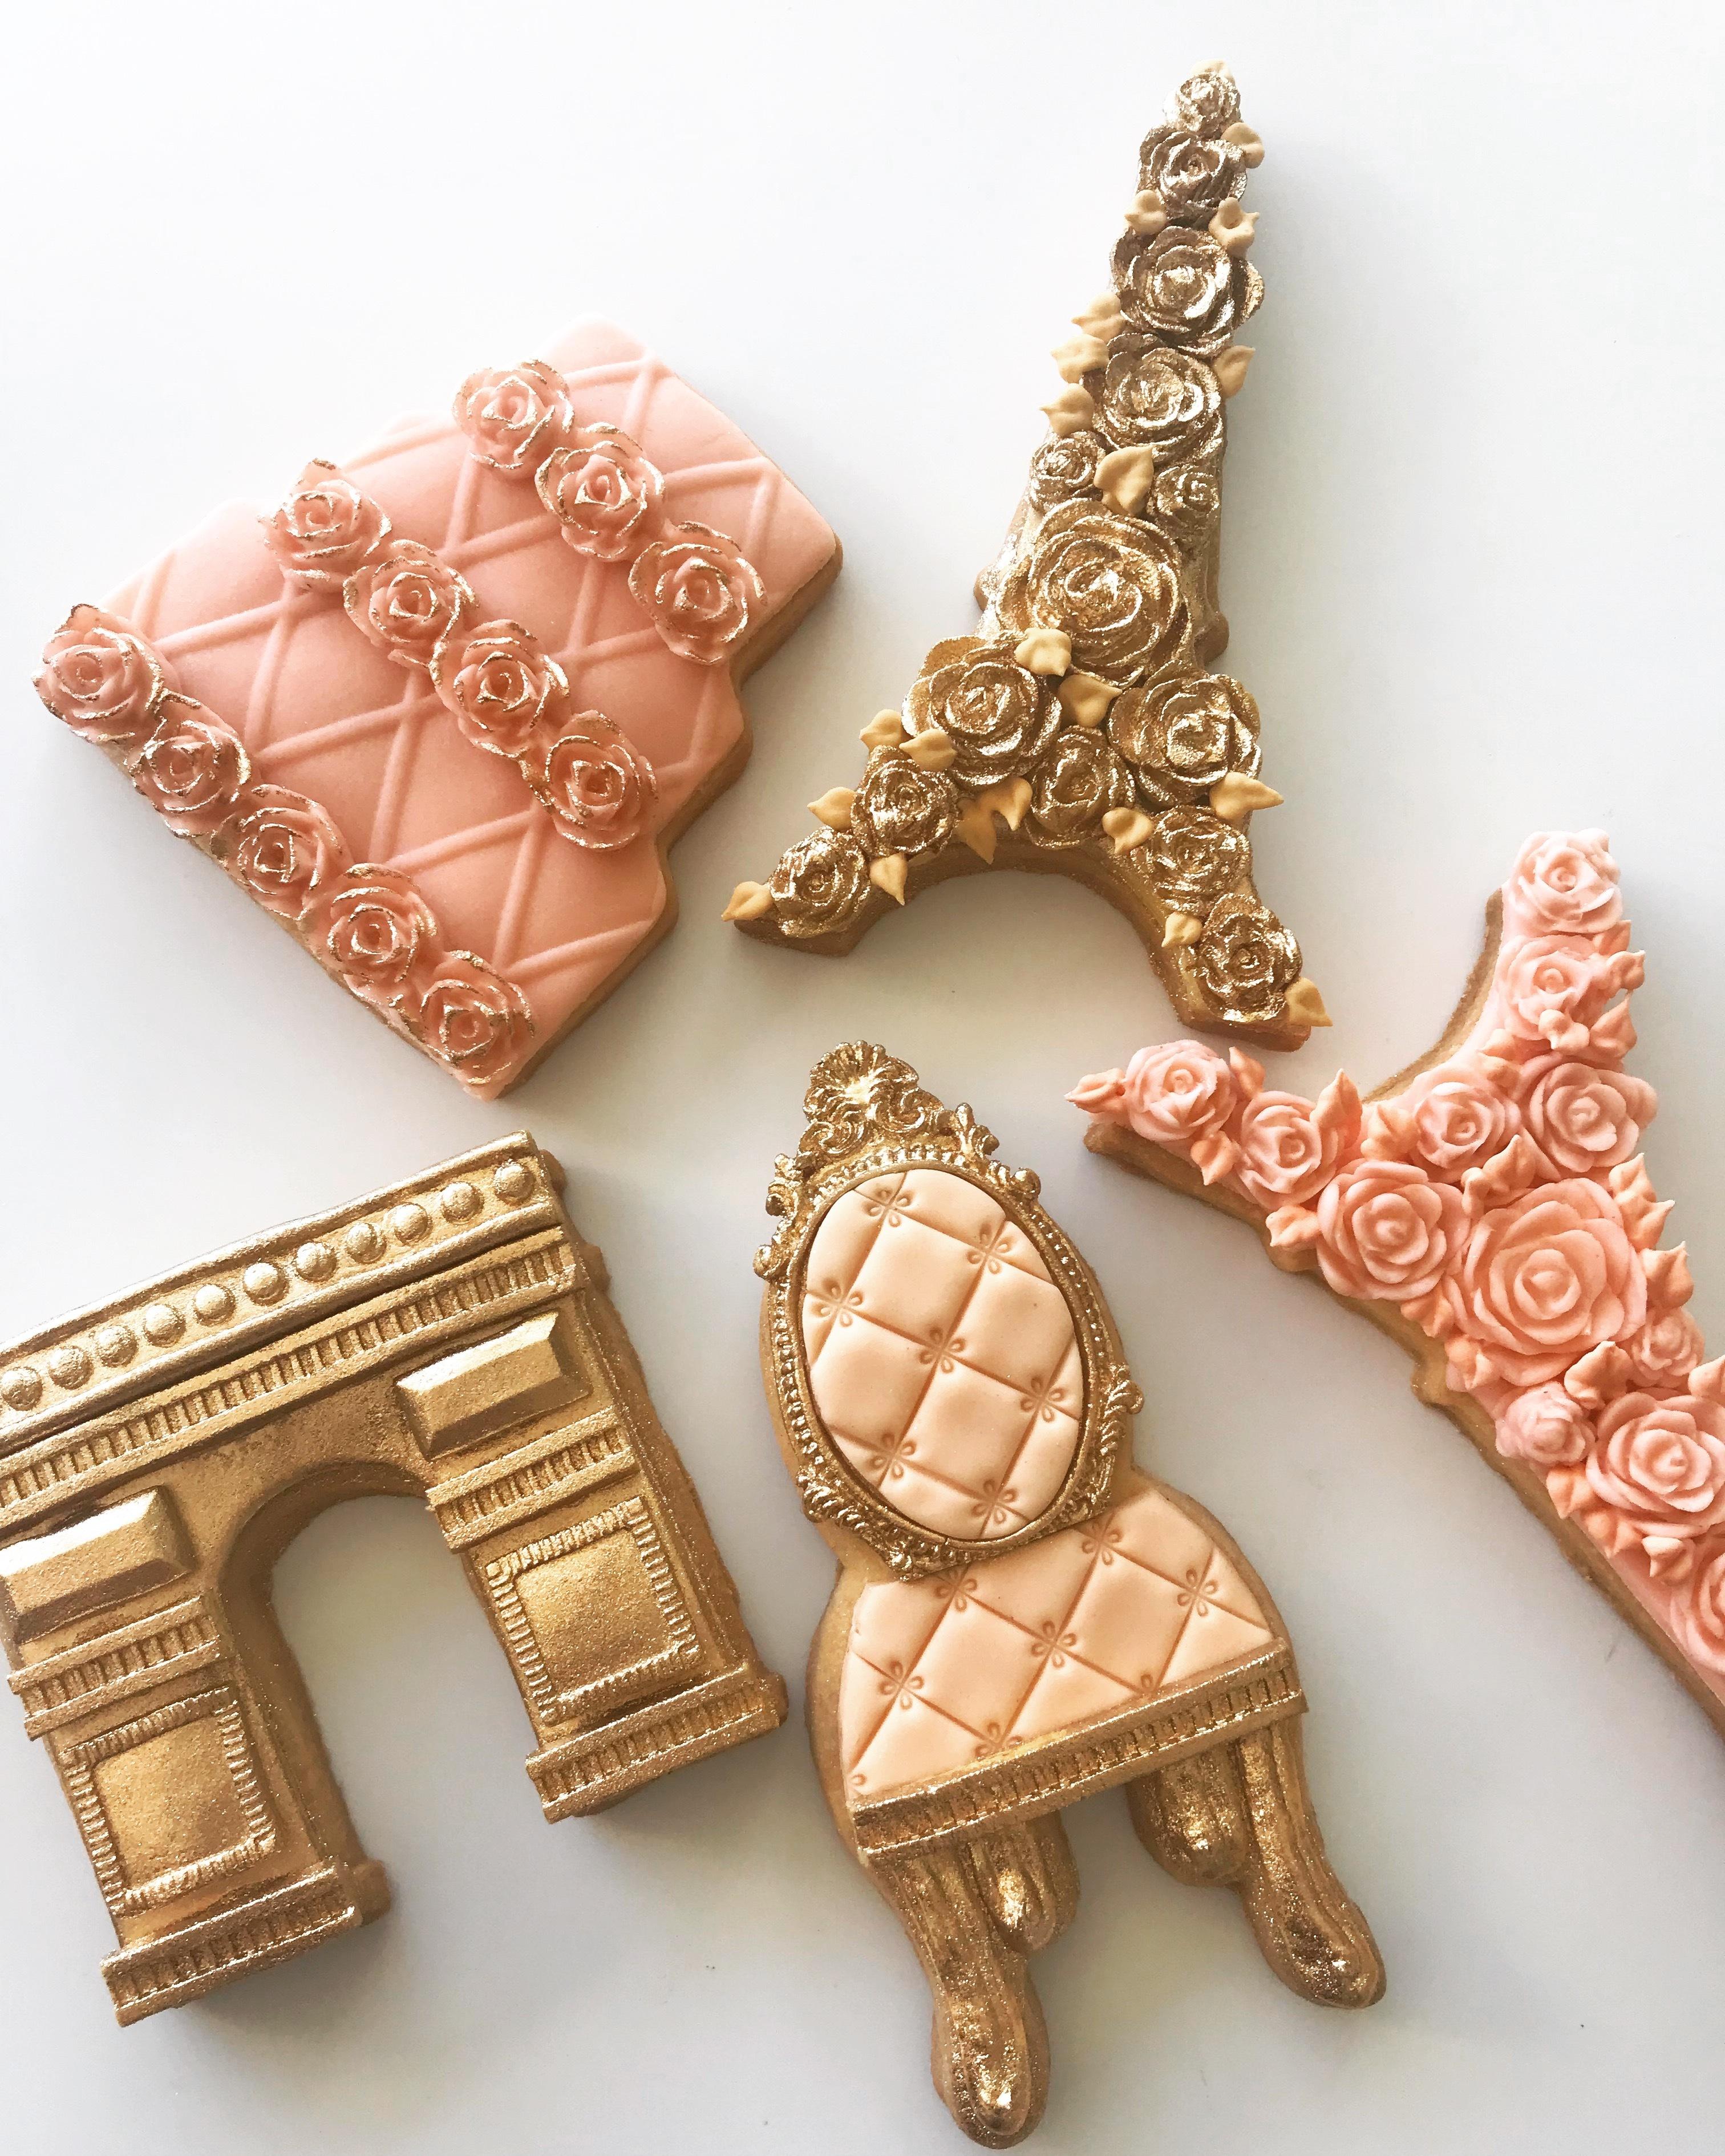 Parisian fondant cookies